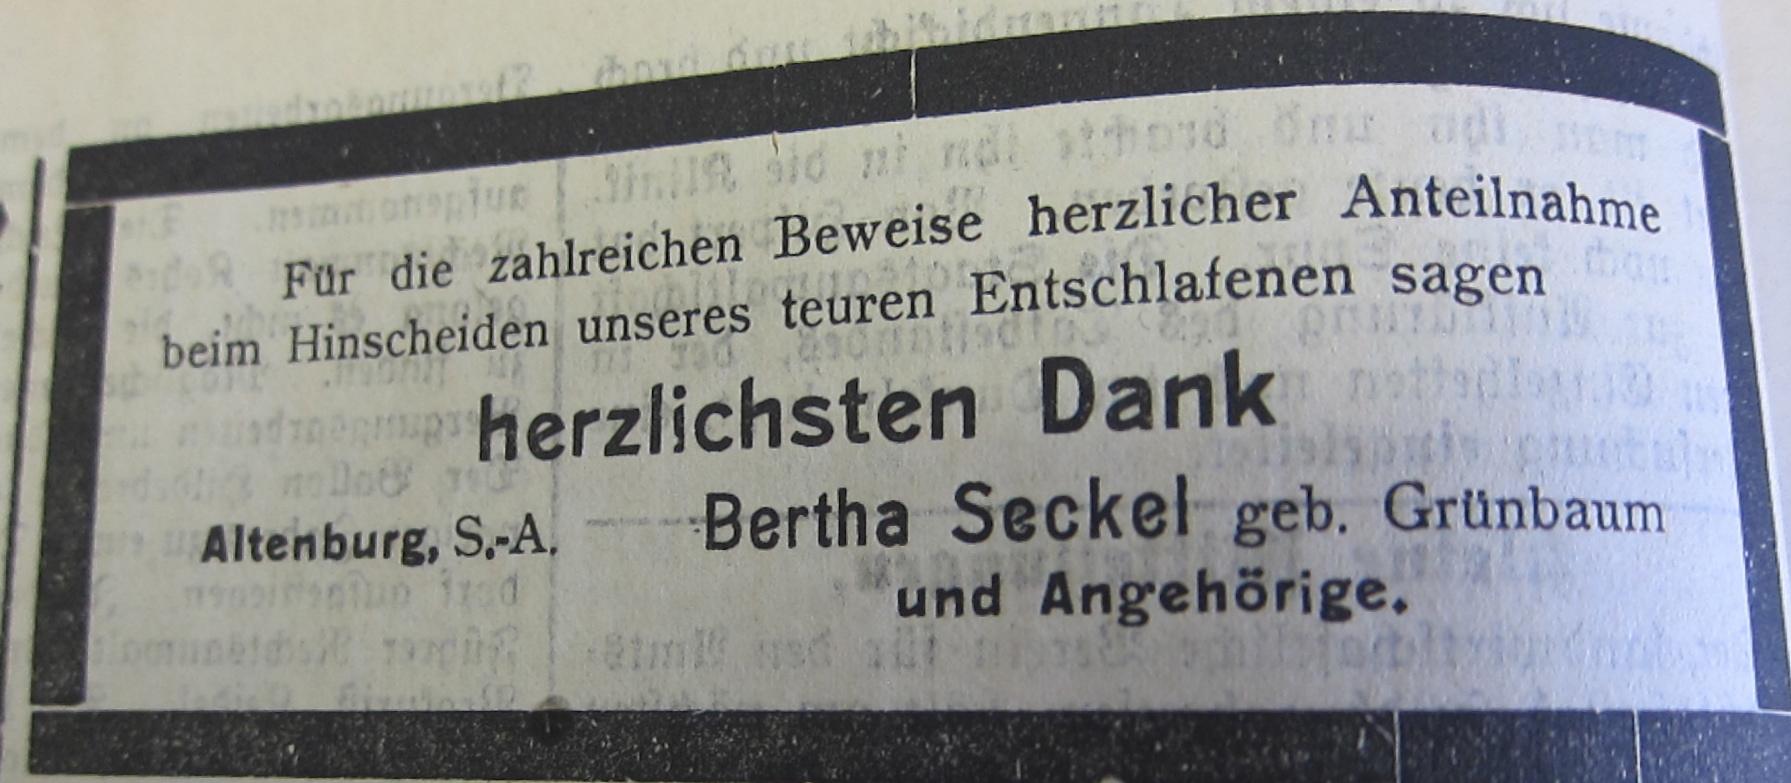 19.01.1911-B. Seckel Danksagung